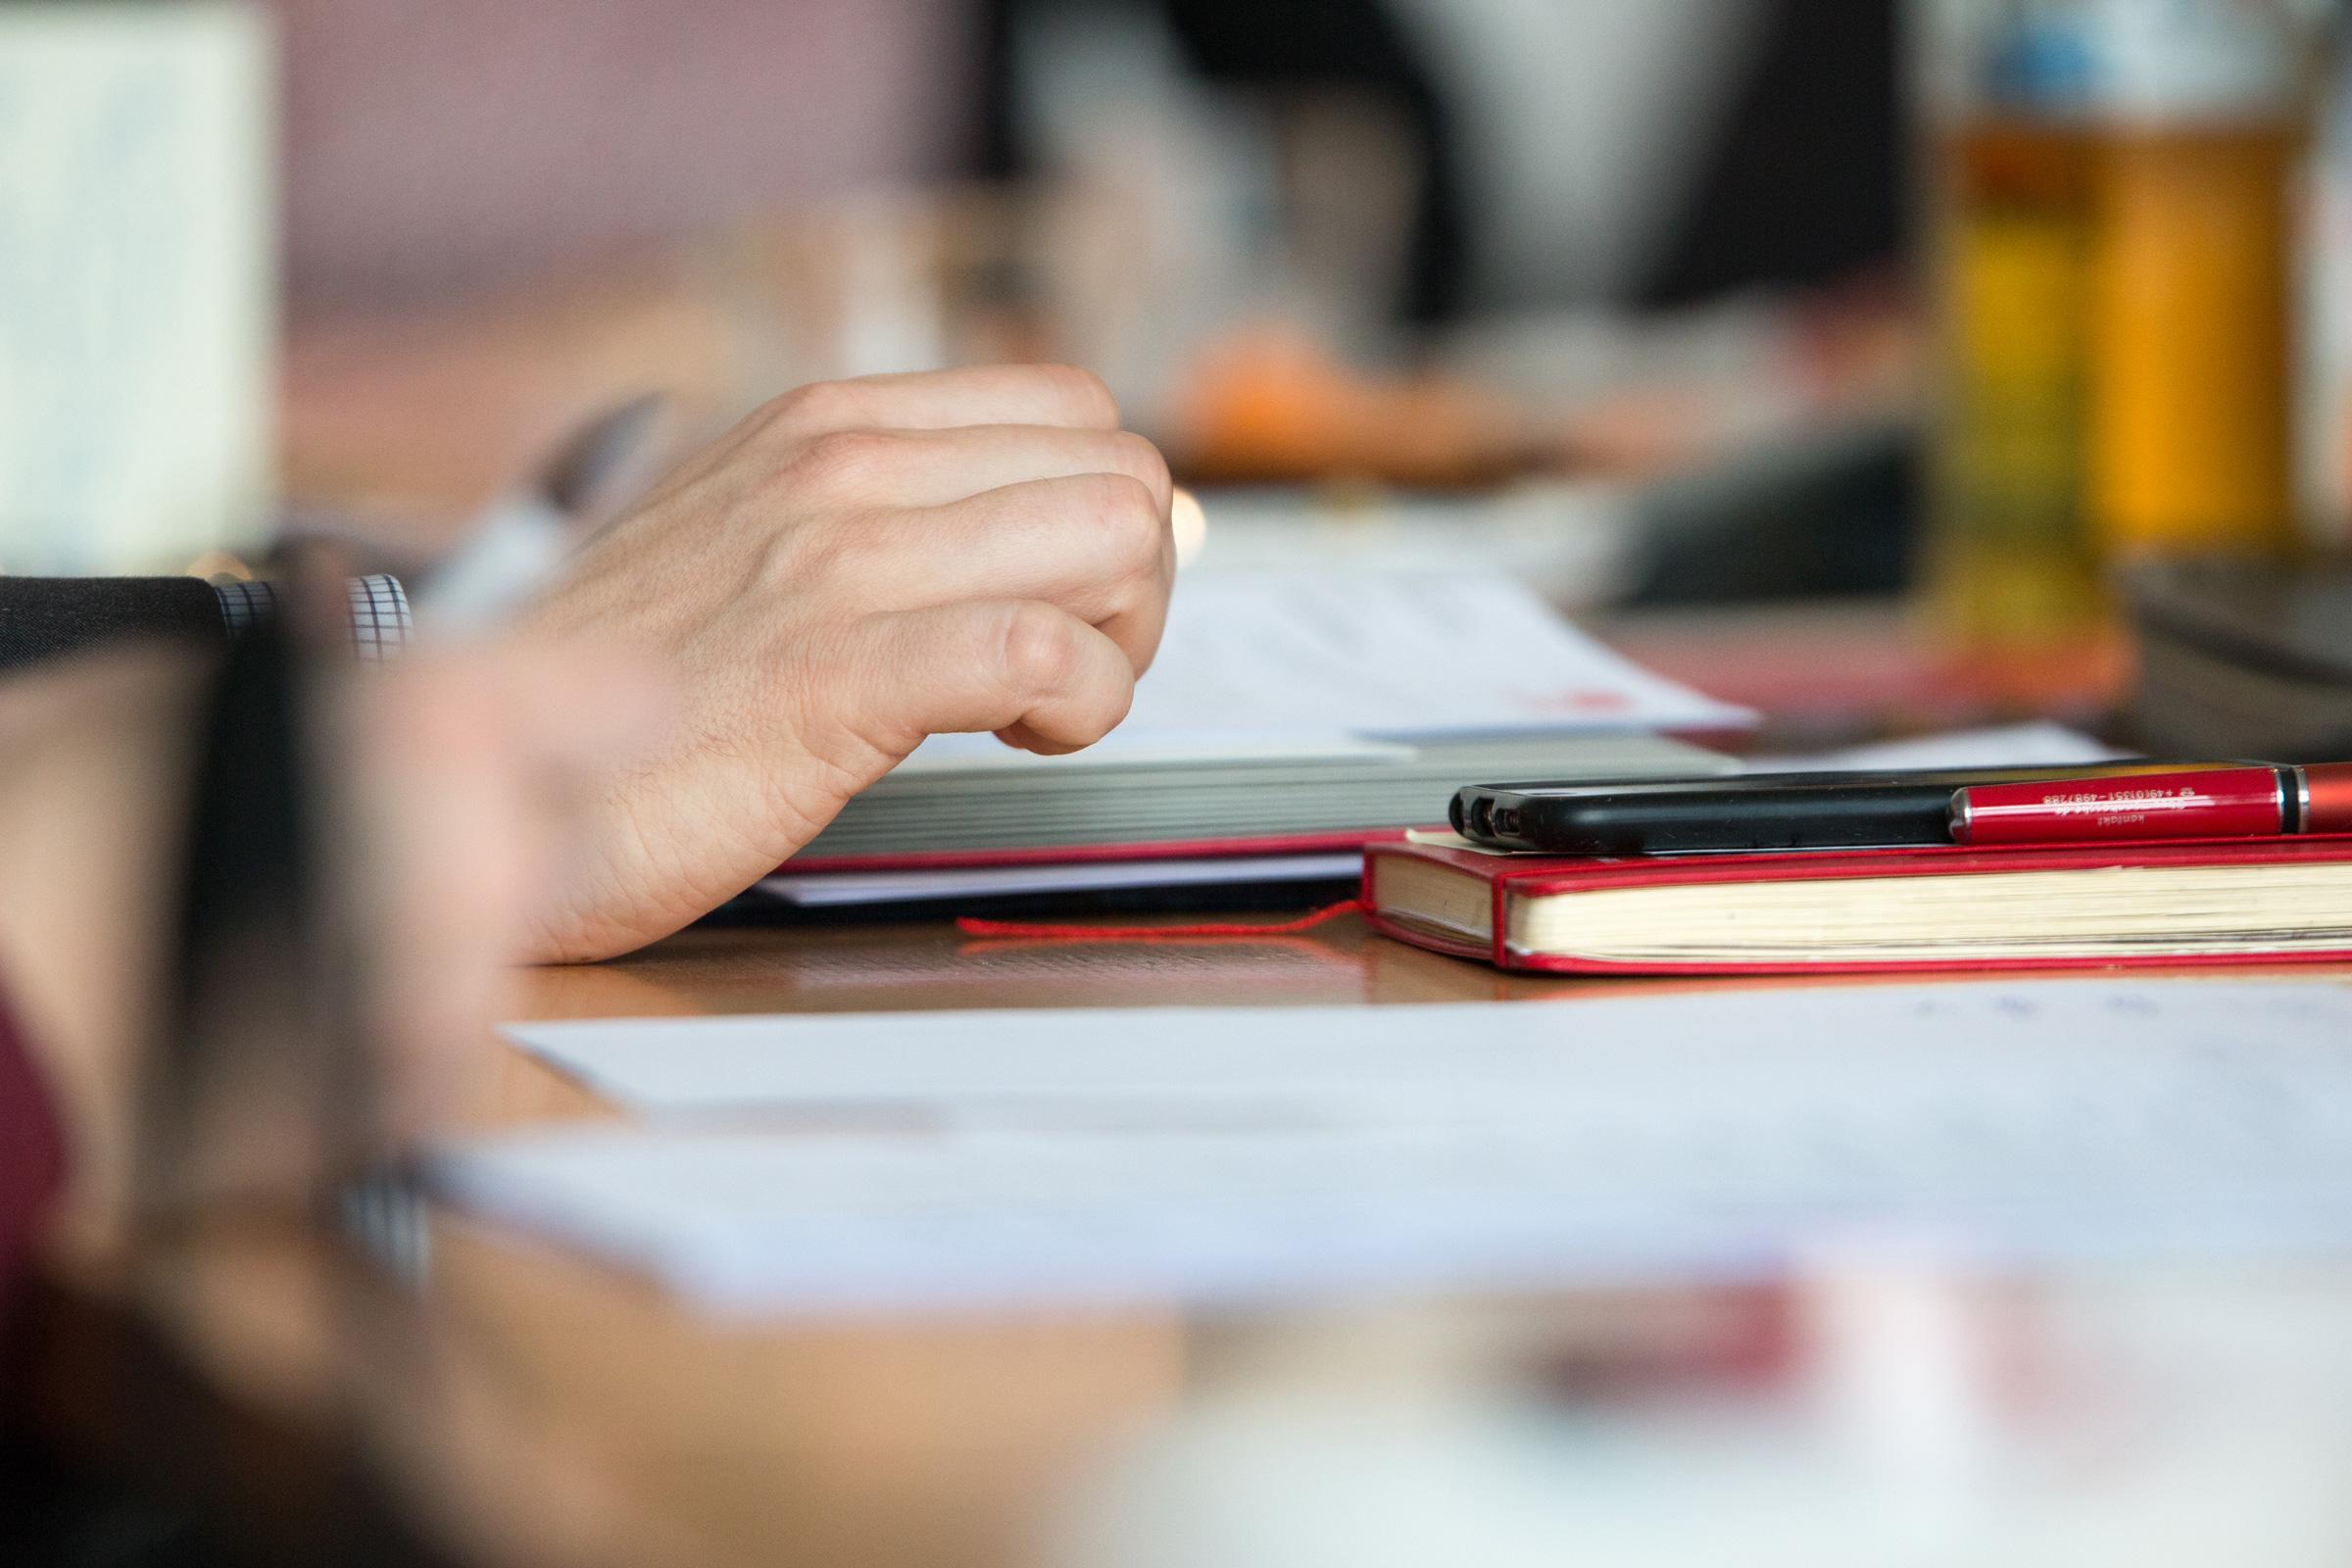 Entwurf des Rekordhaushaltes von Regierungskoalition beschlossen